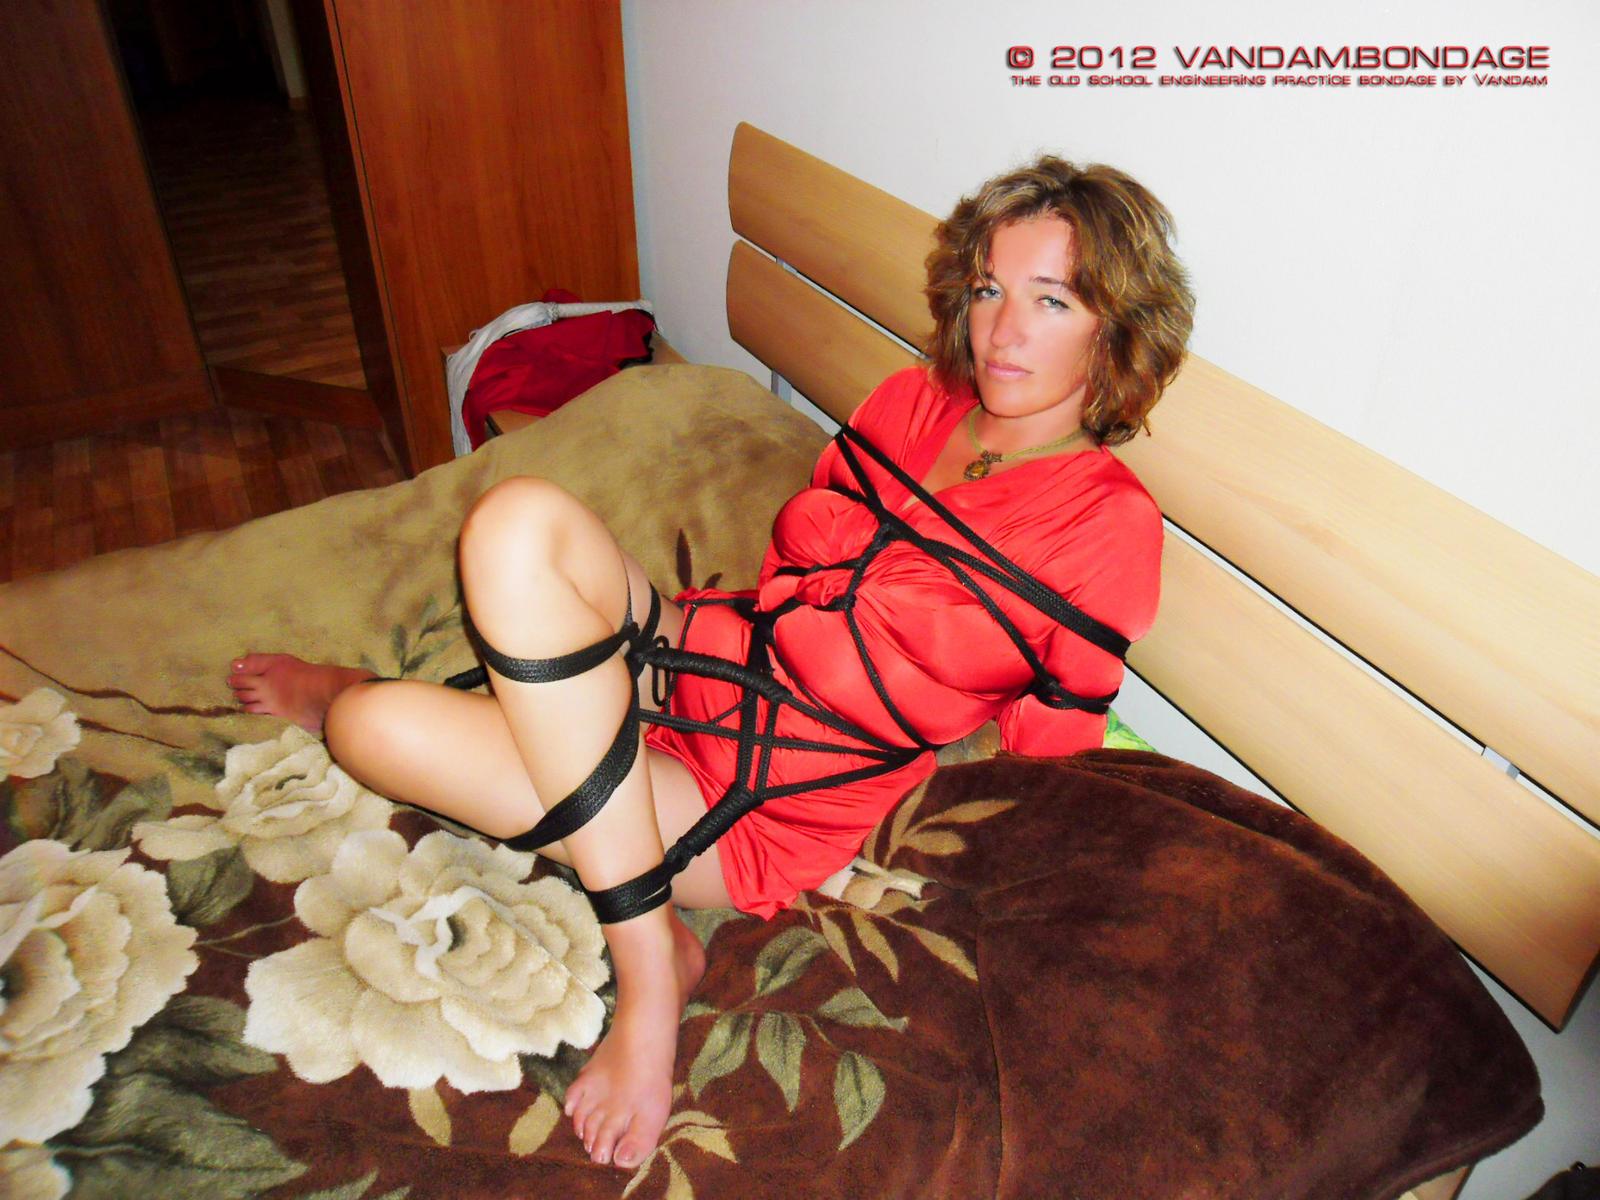 Glamor Bondage 59